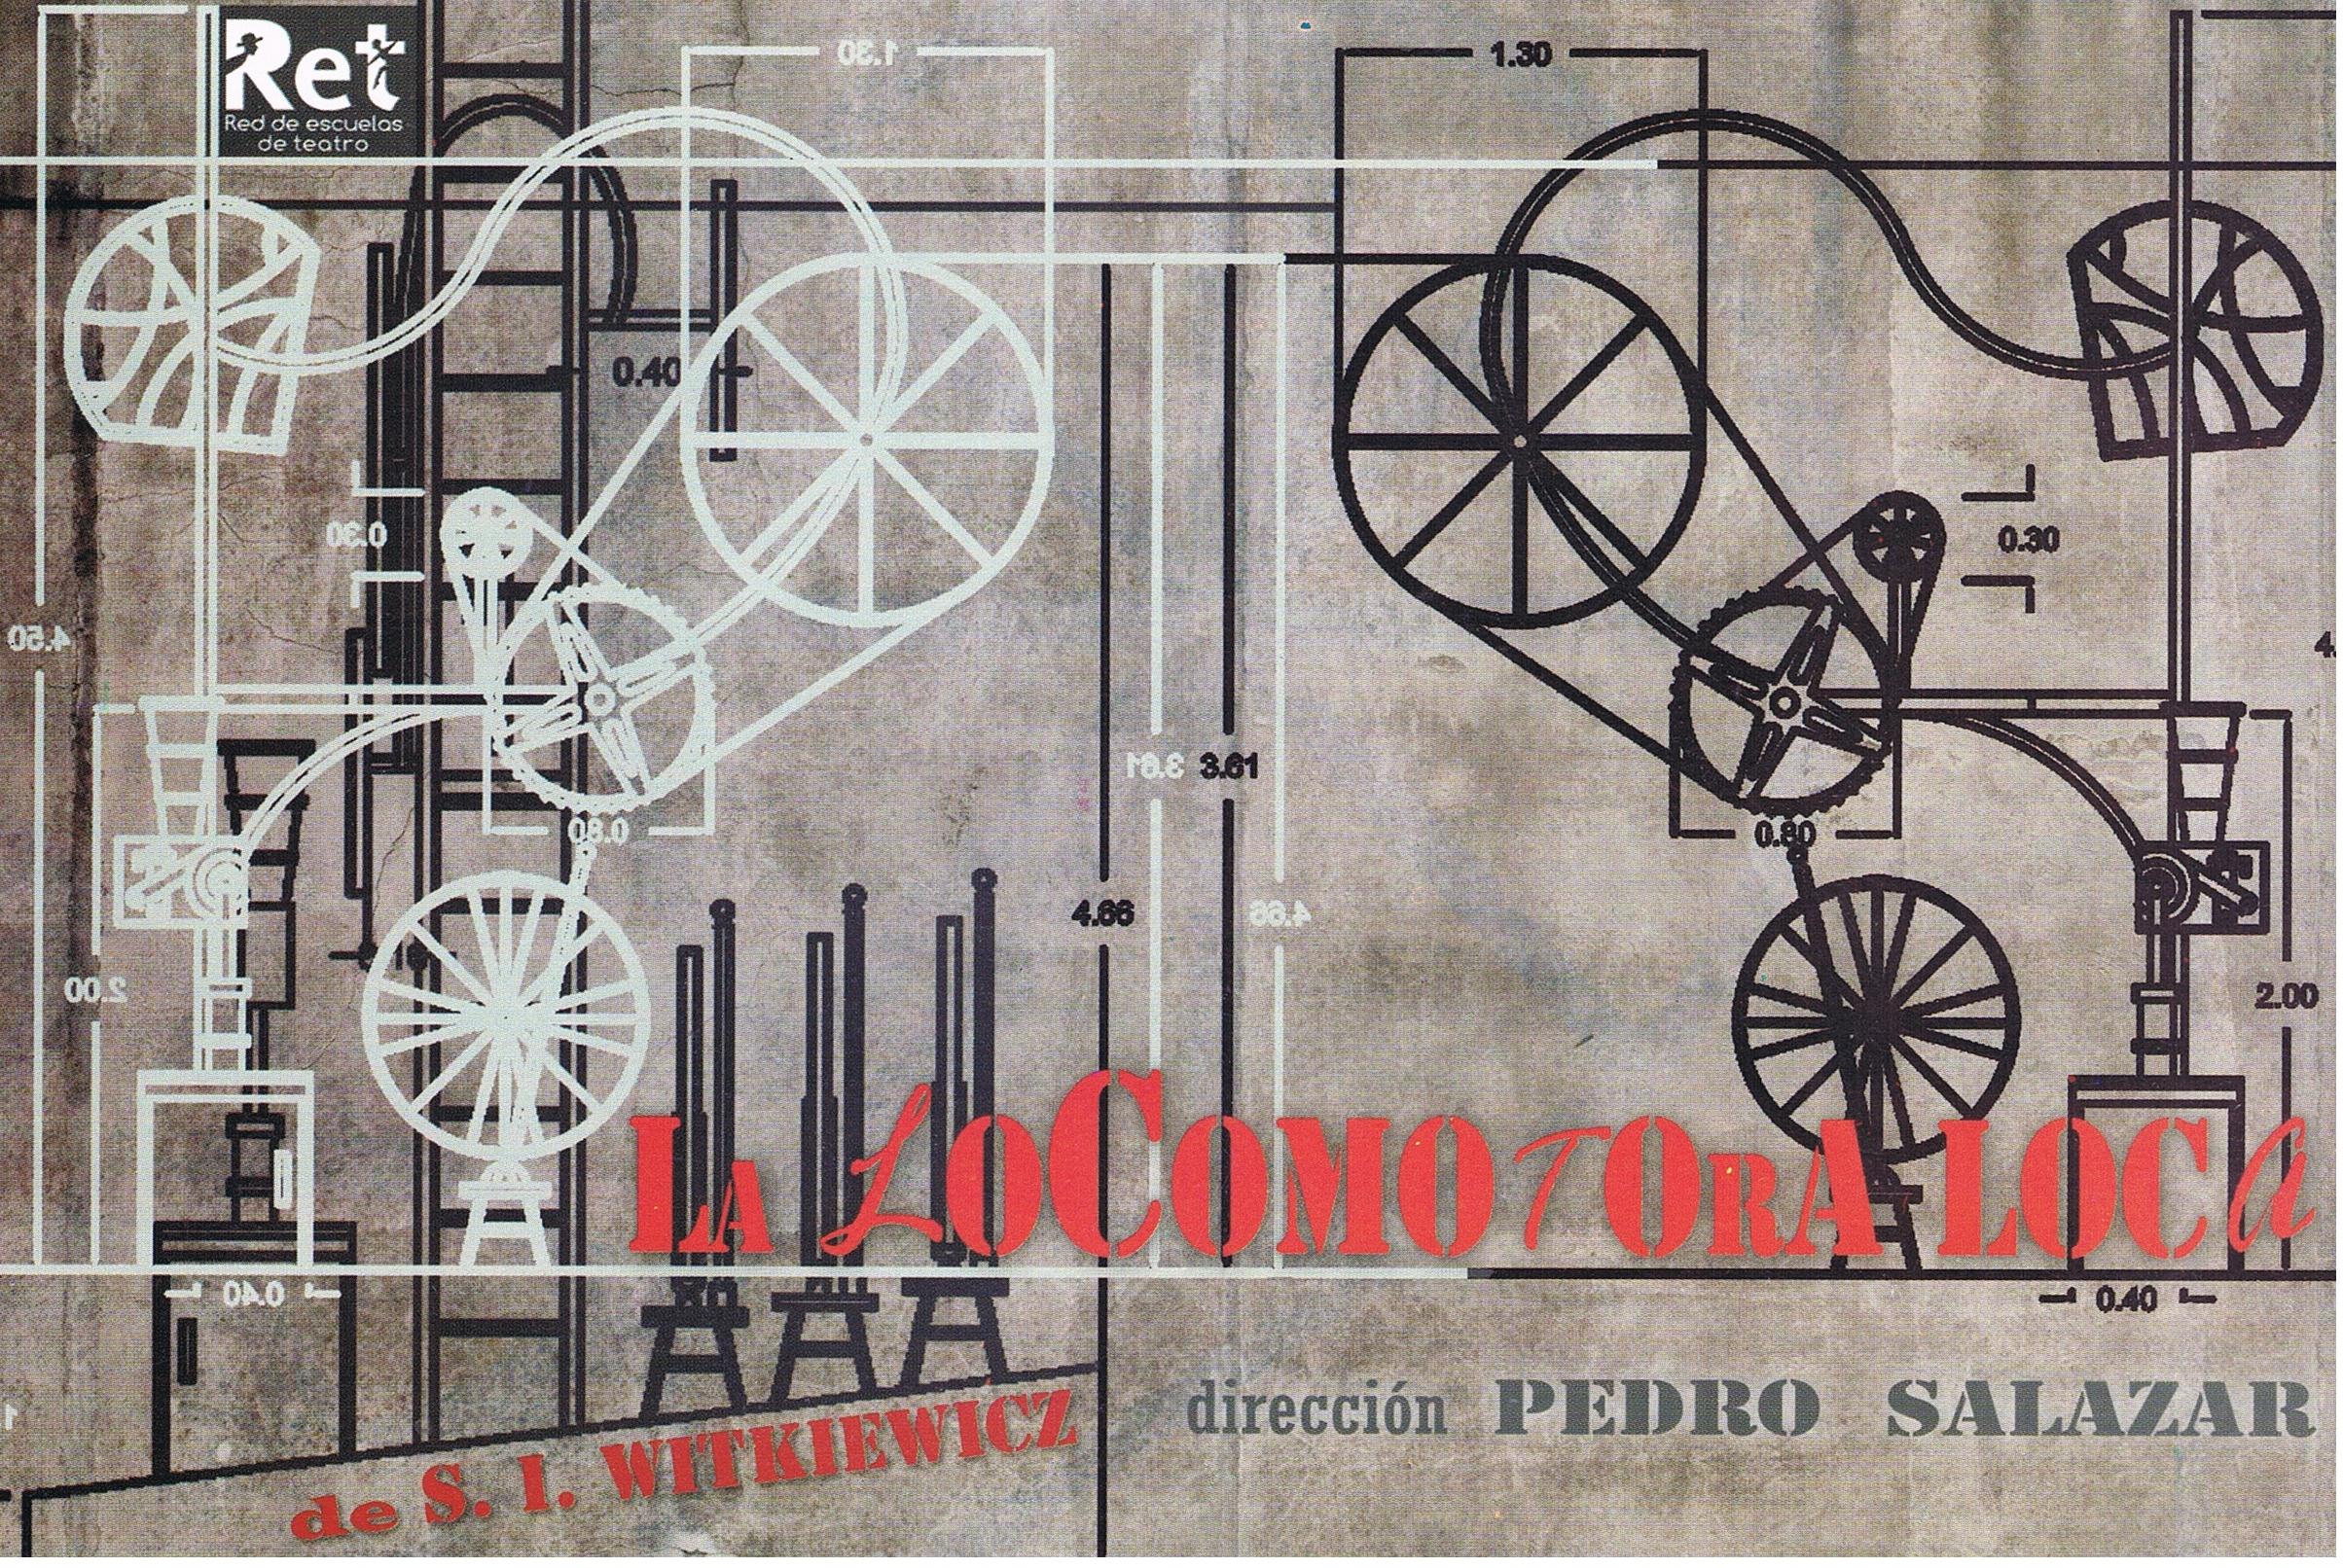 Locomotora loca afiche